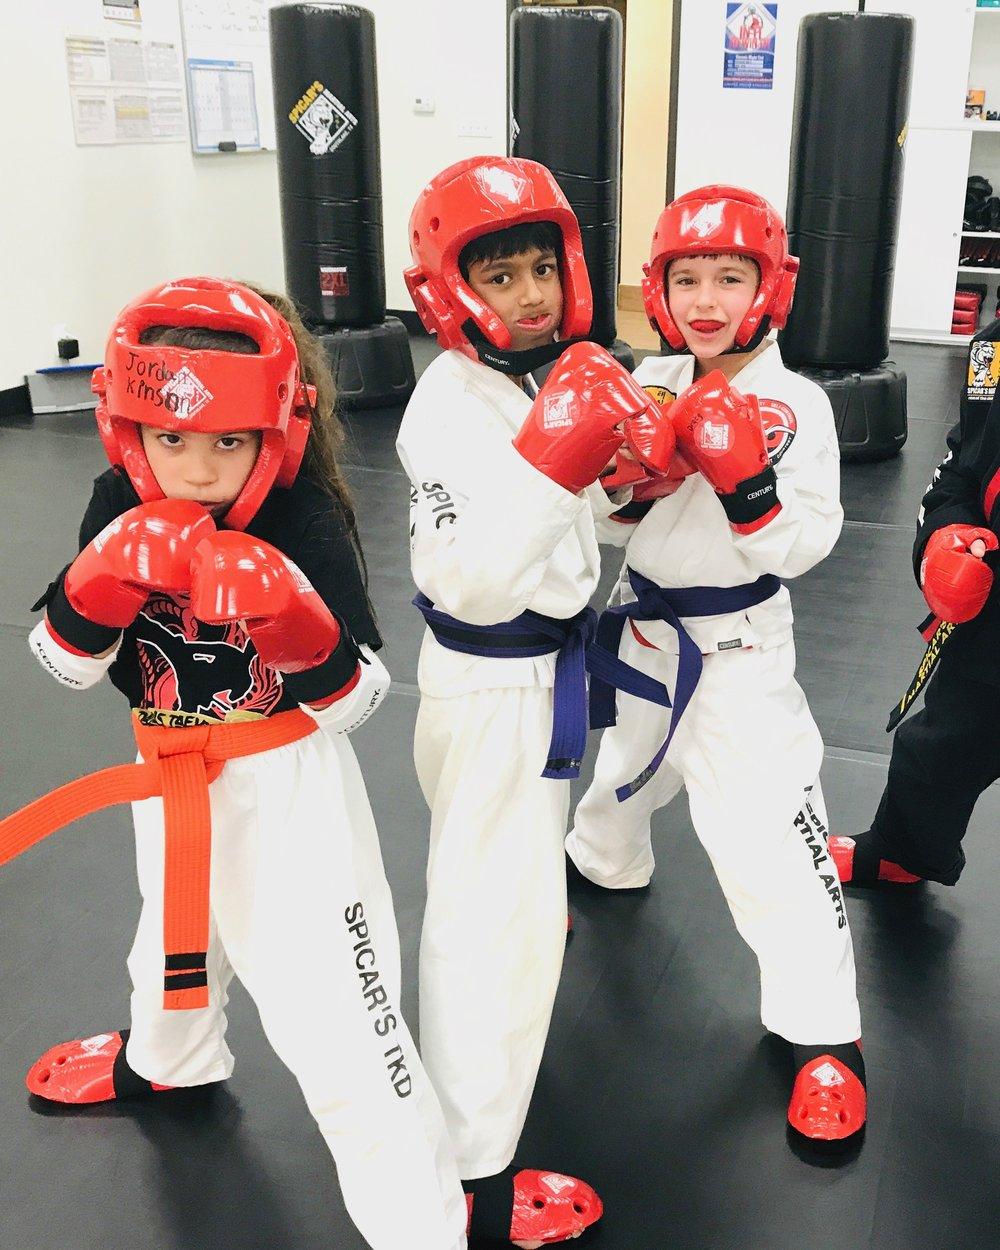 taekwondo — Blog — Spicar's Martial Arts in Southlake, Texas